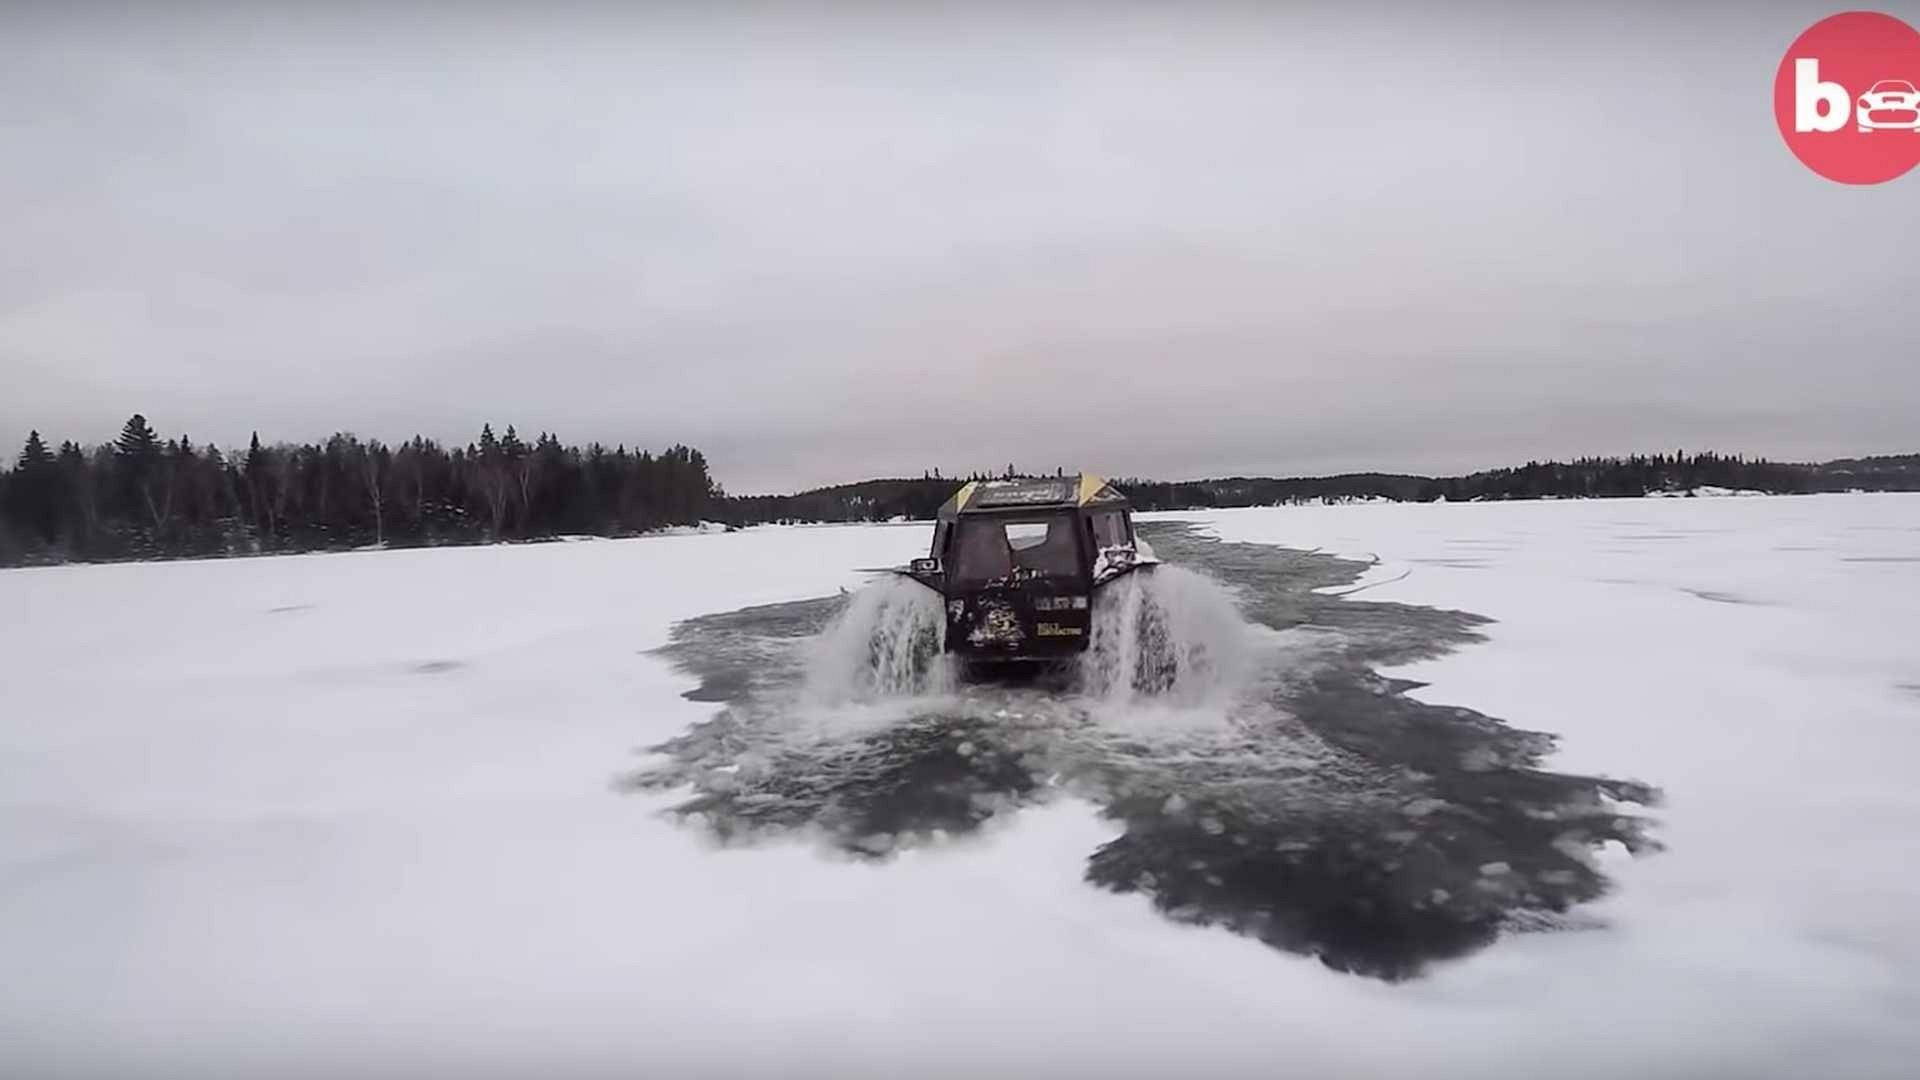 Ấn tượng ô tô Sherp ATV bất chấp mọi địa hình, có thể nổi trên nước Ảnh 2